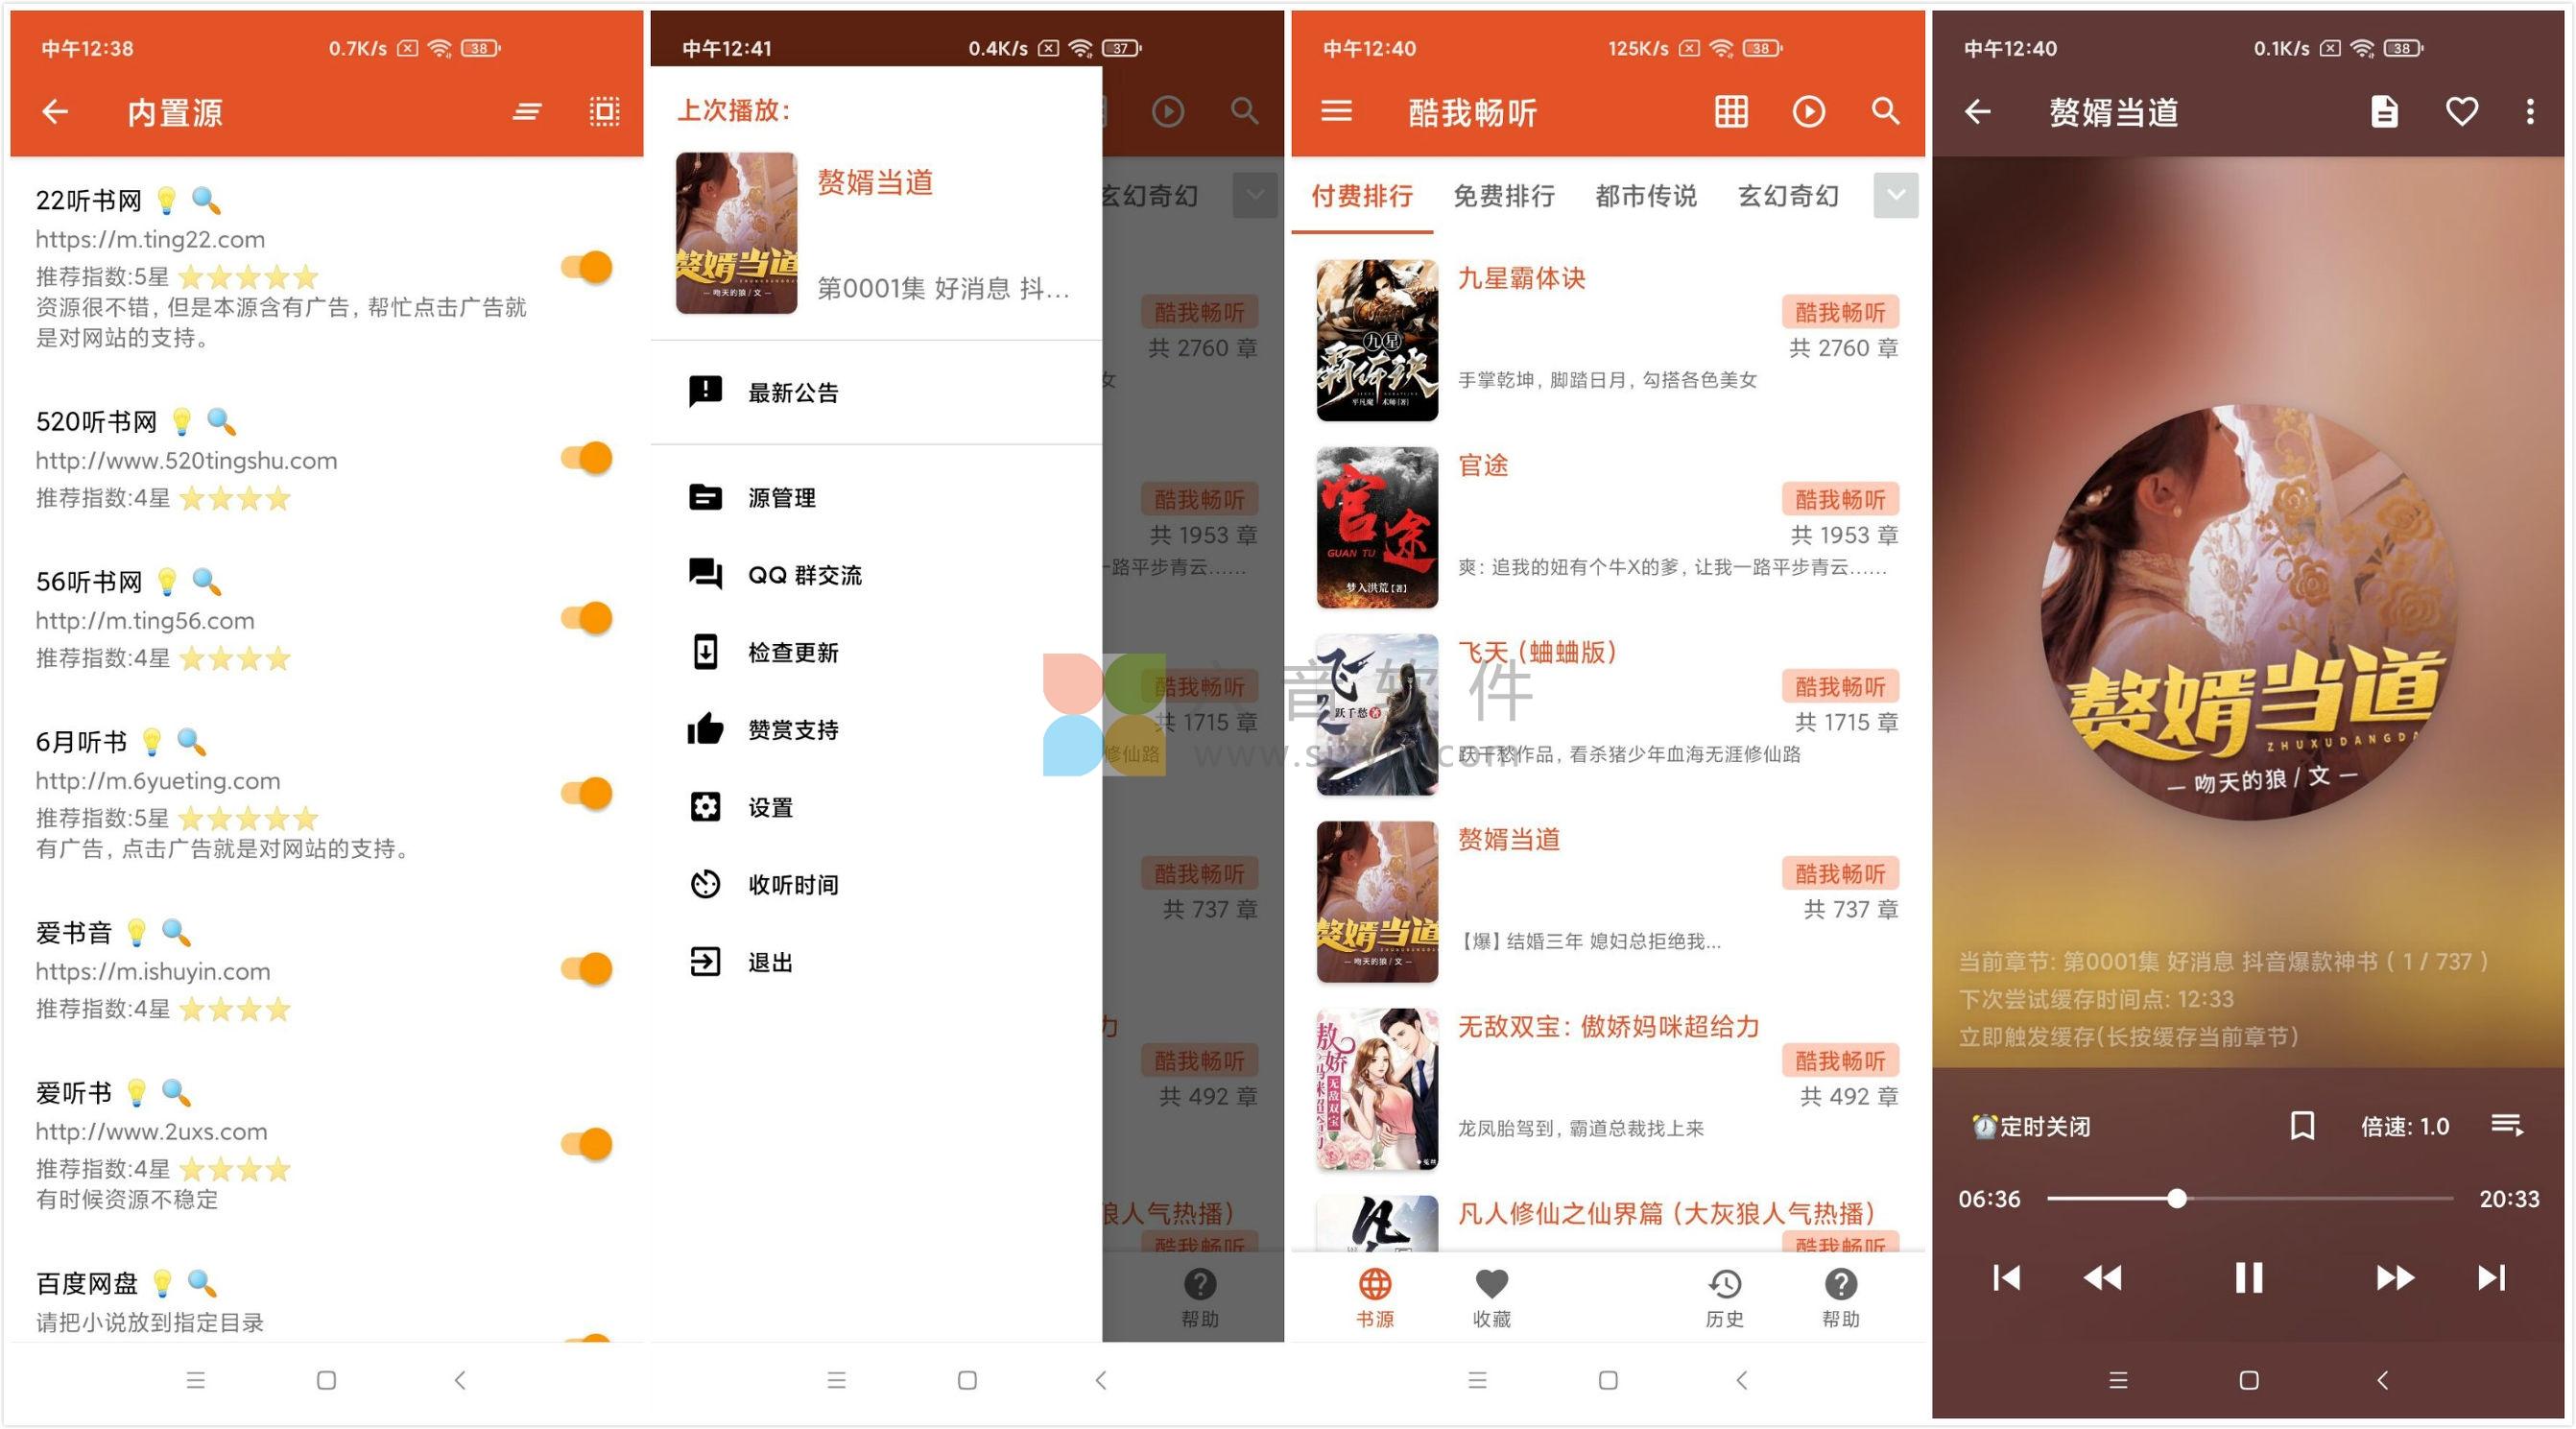 Android 我的听书(全免费开源听书神器) v2.1.5 正式版